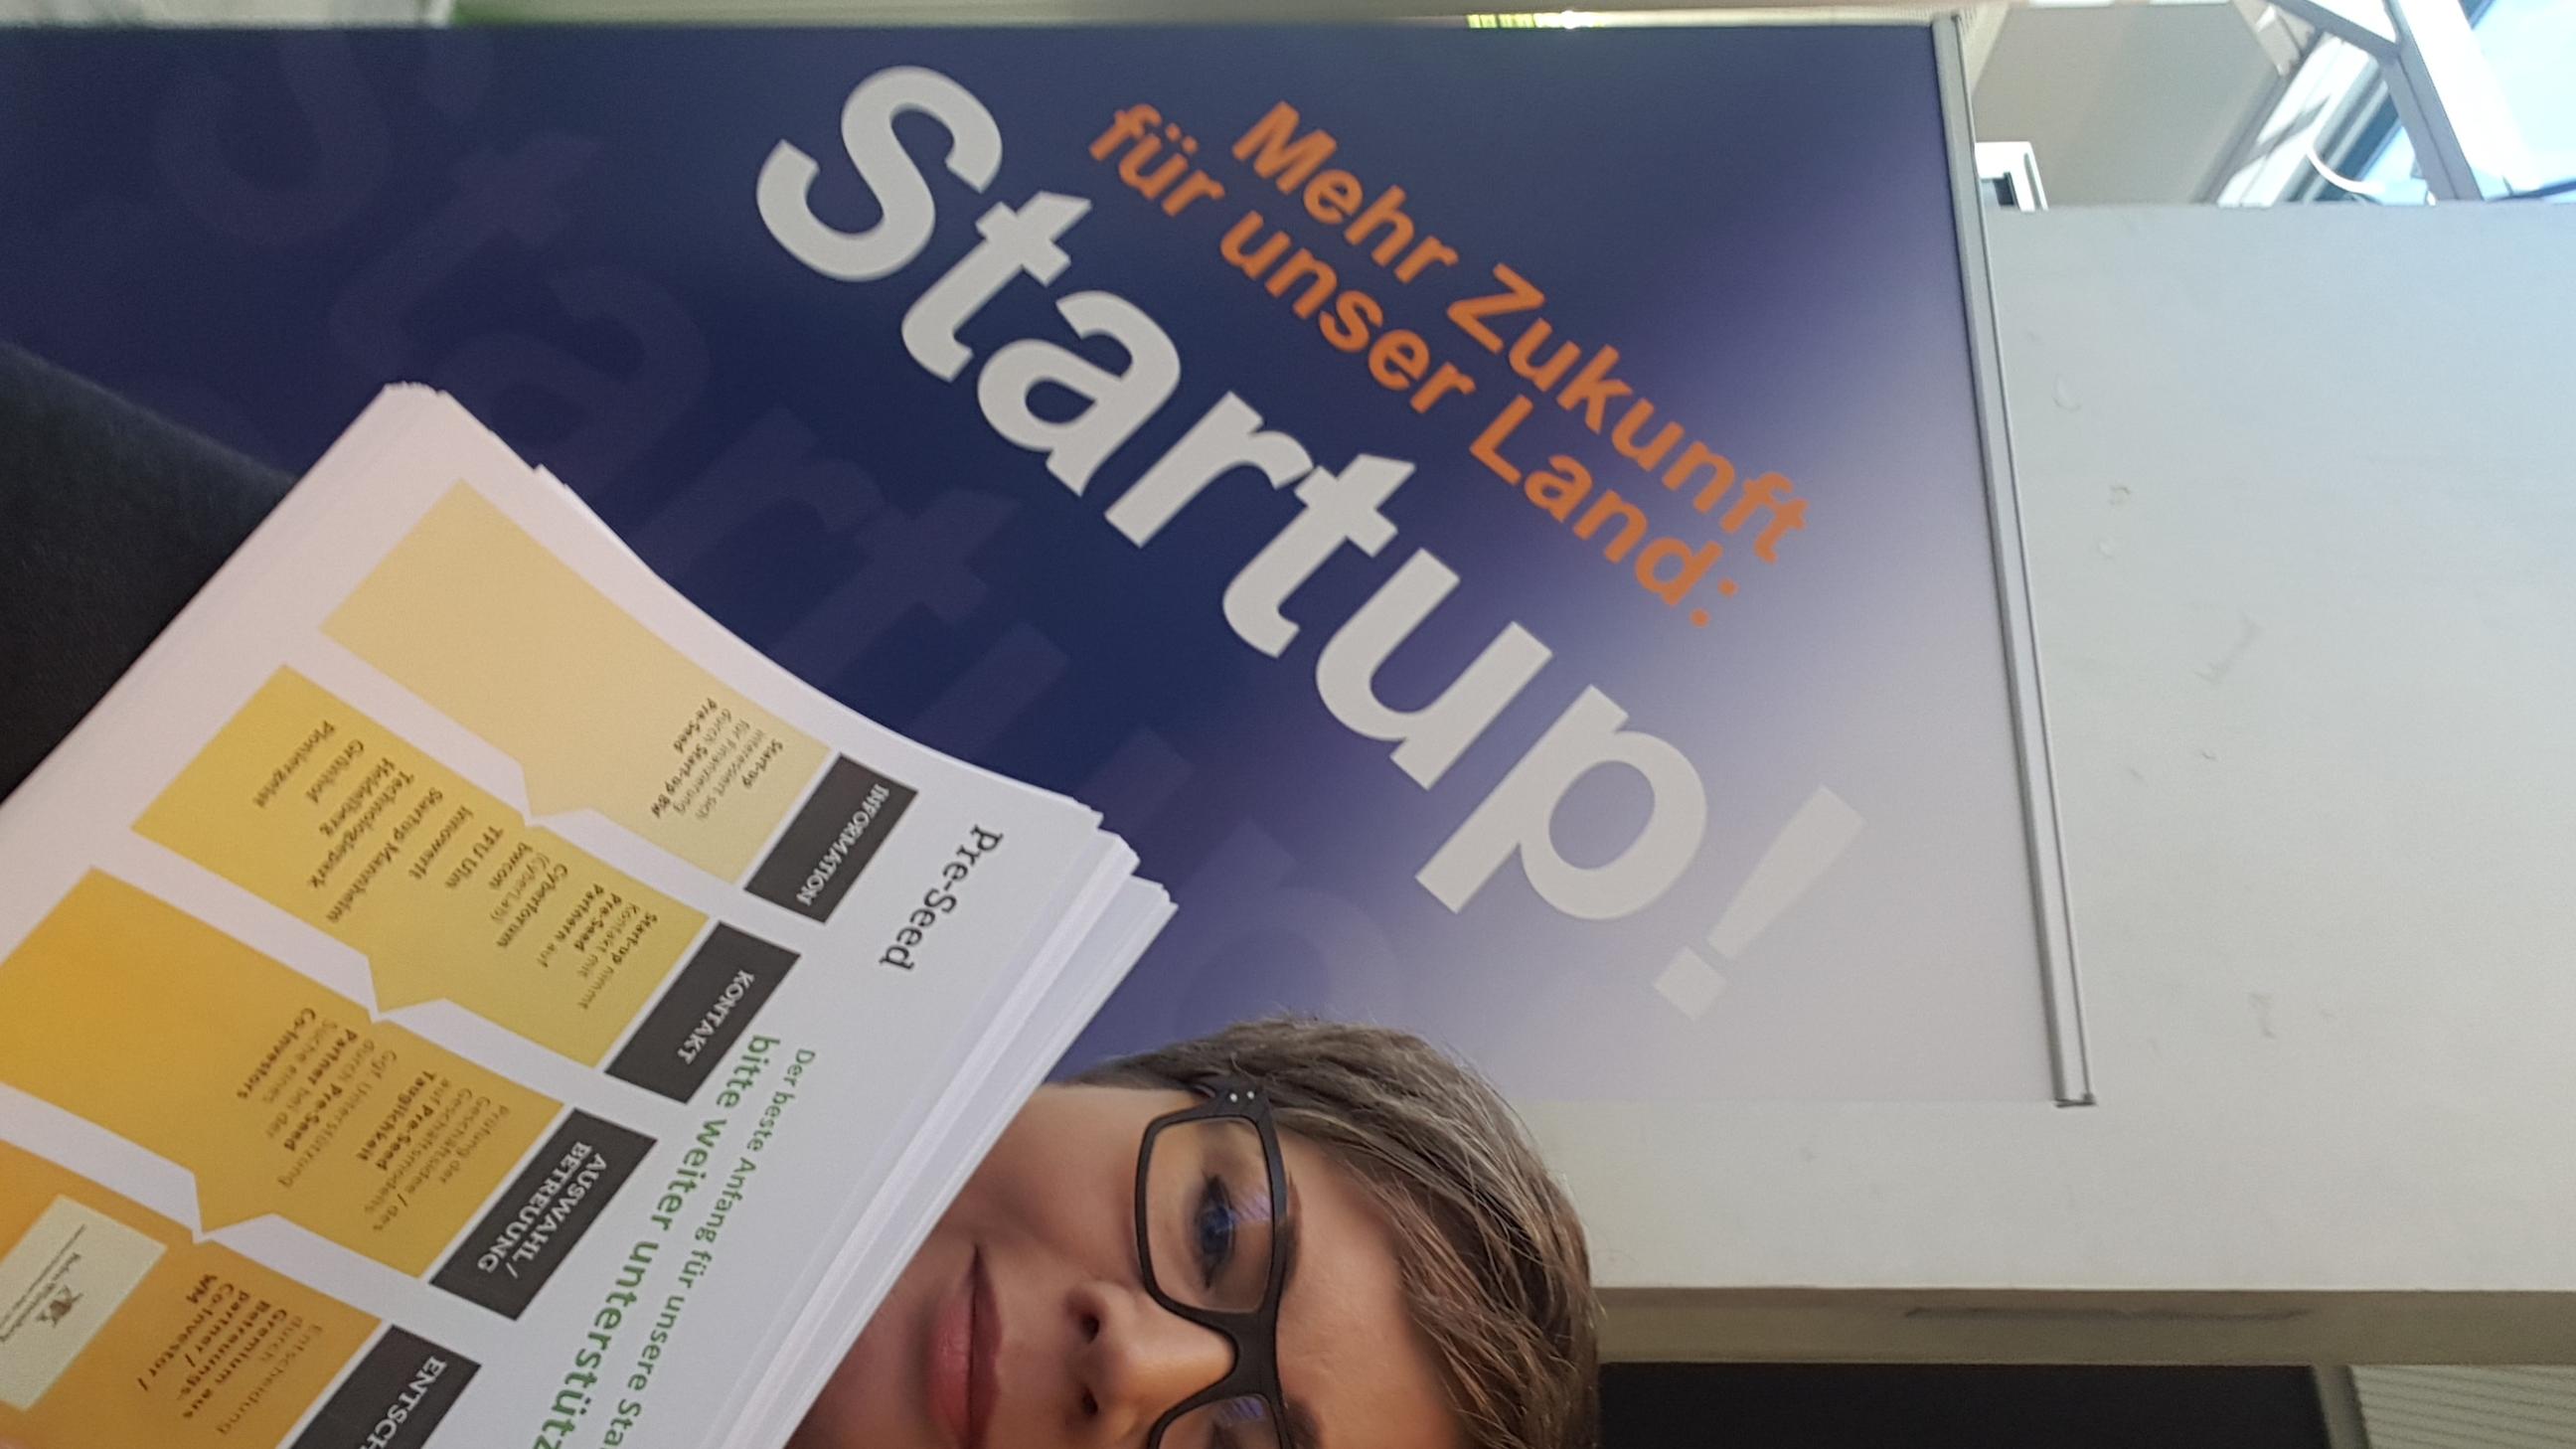 Verband der Technologie- und Gründerzentren Baden-Württemberg beim Landesparteitag der Grünen in Böblingen